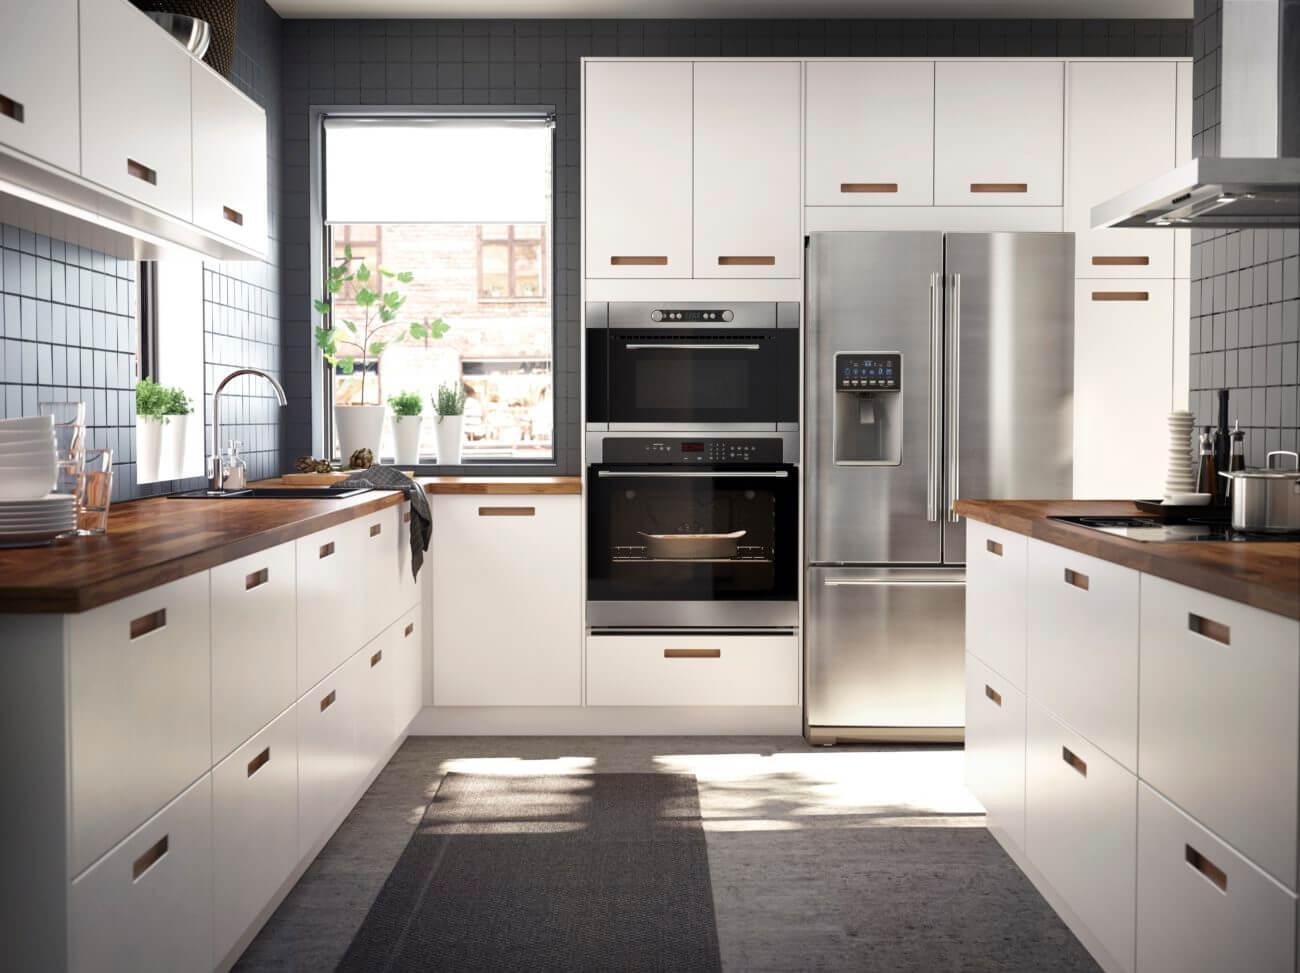 Full Size of Komplettküche Mit Geräten Günstig Einbauküche Ohne Kühlschrank Kaufen Komplettküche Angebot Miele Komplettküche Küche Einbauküche Ohne Kühlschrank